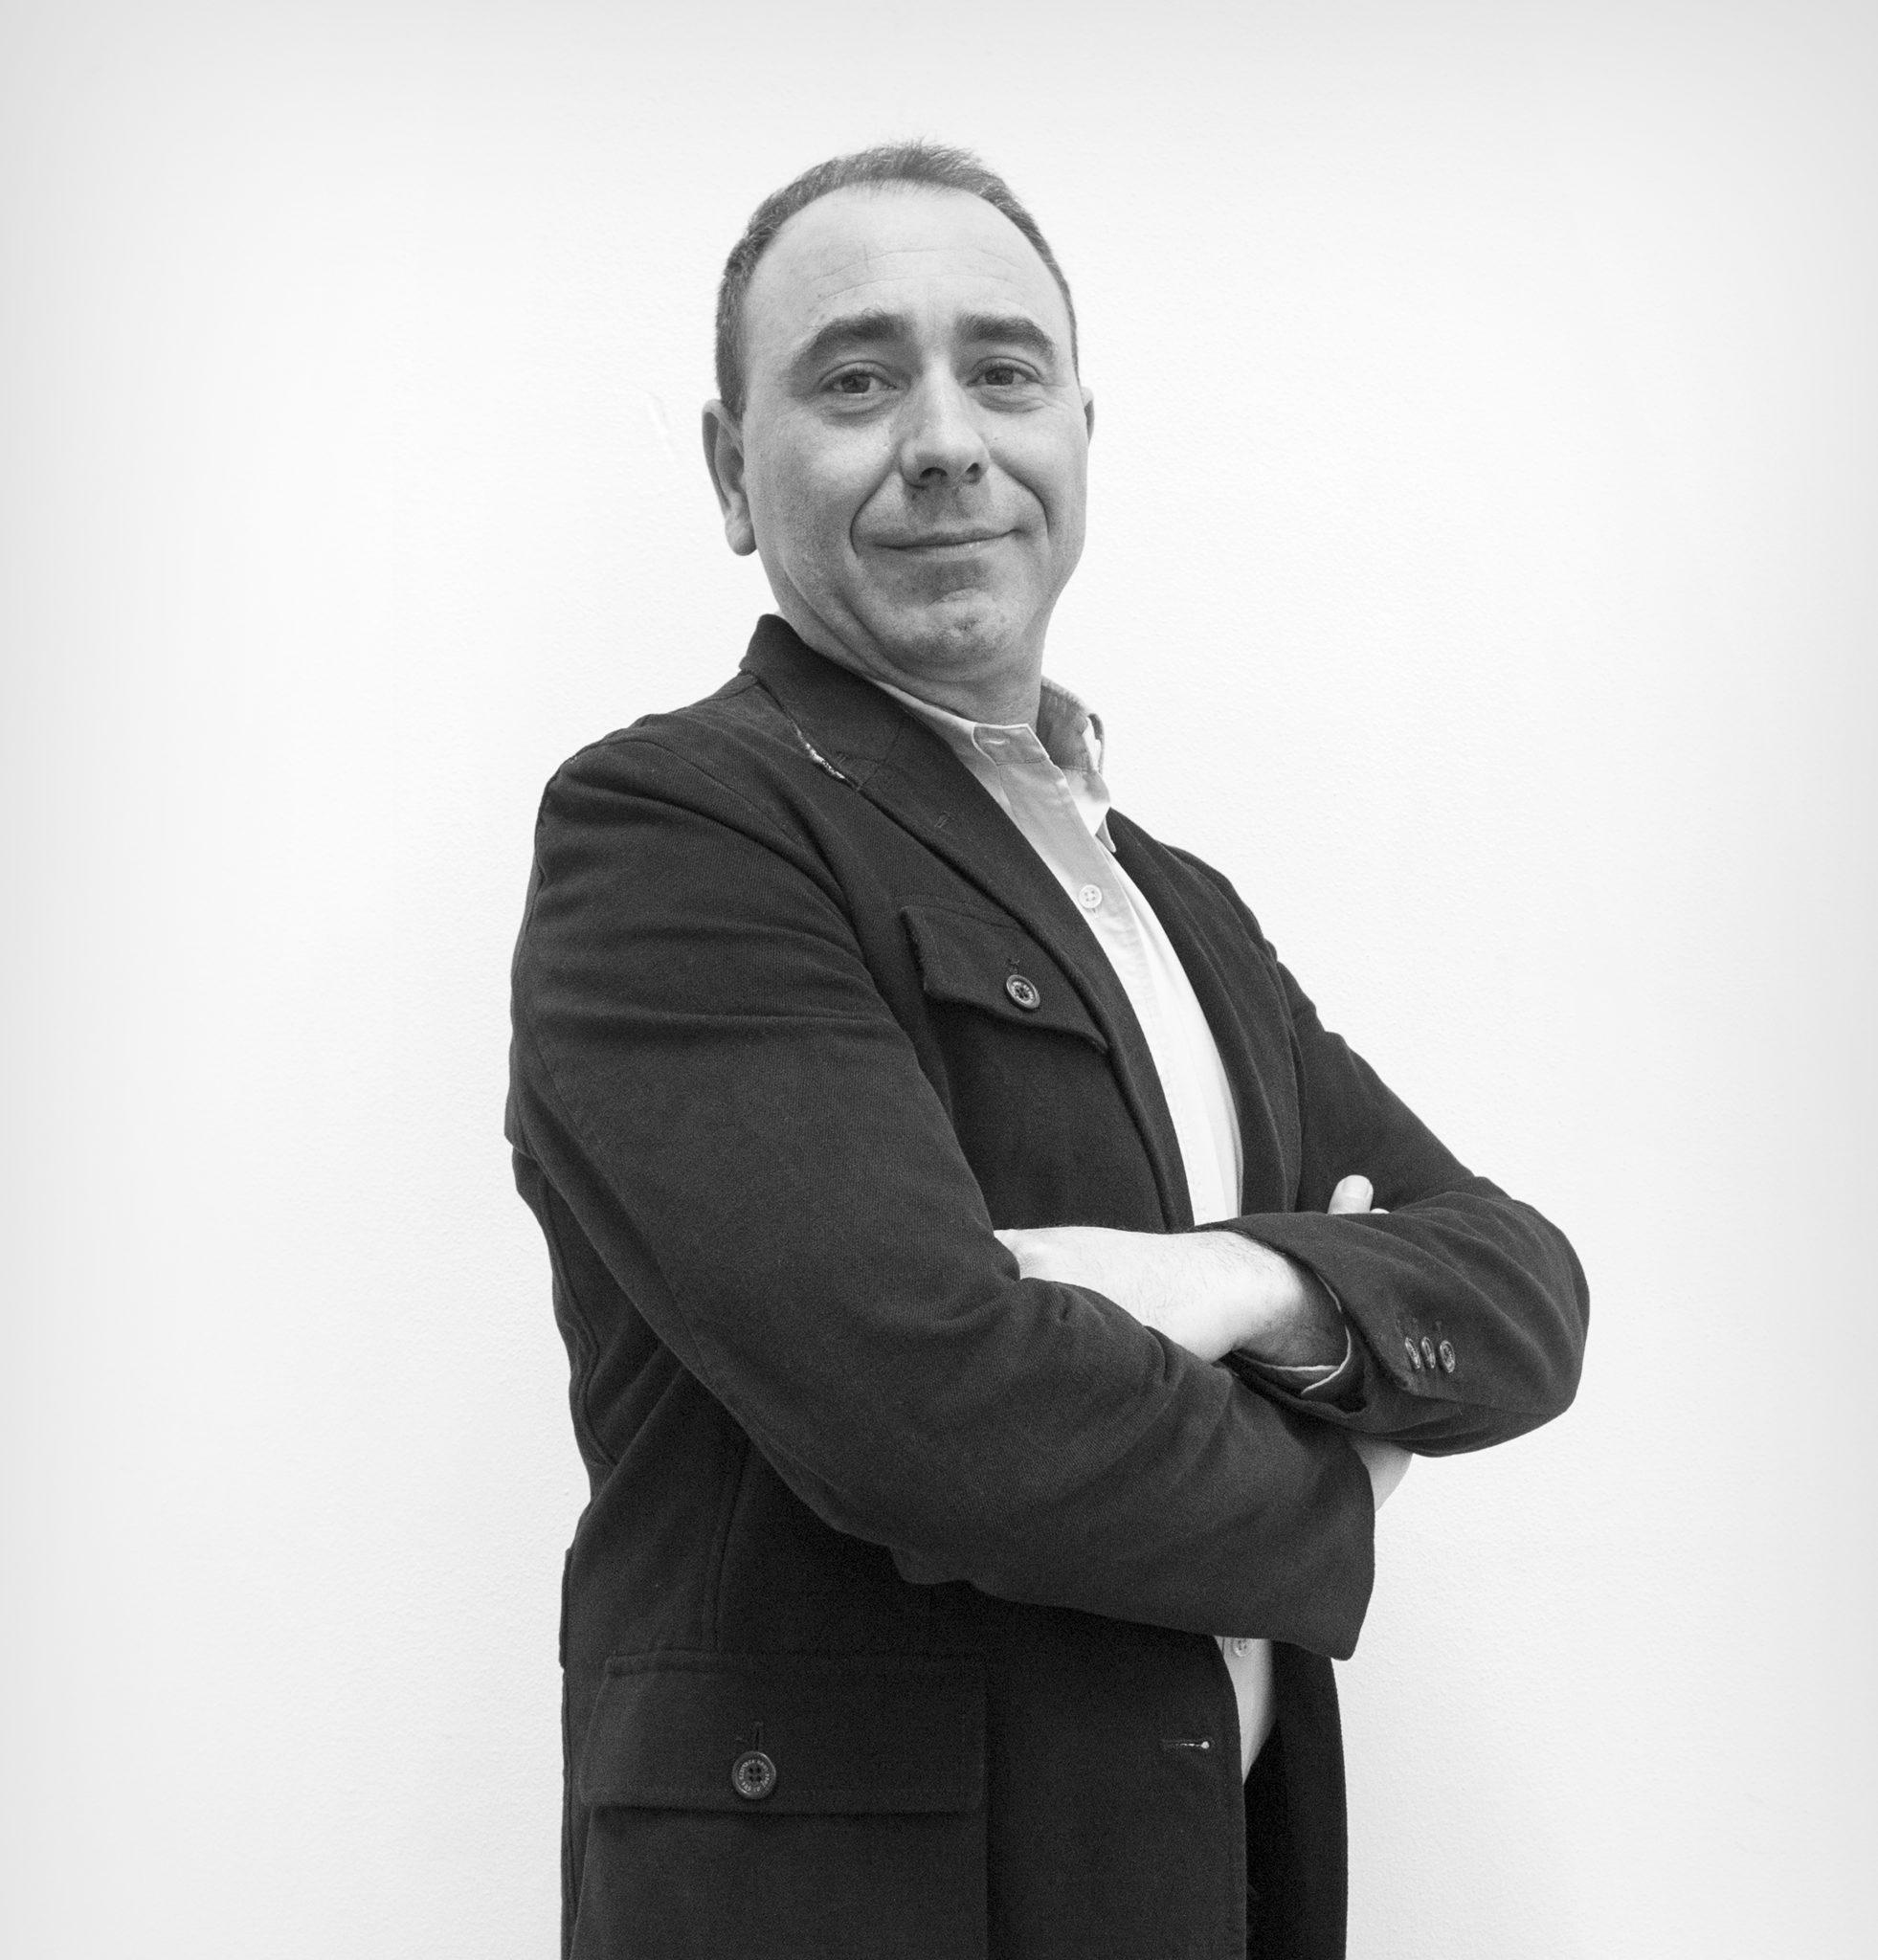 Stefano Fantoni